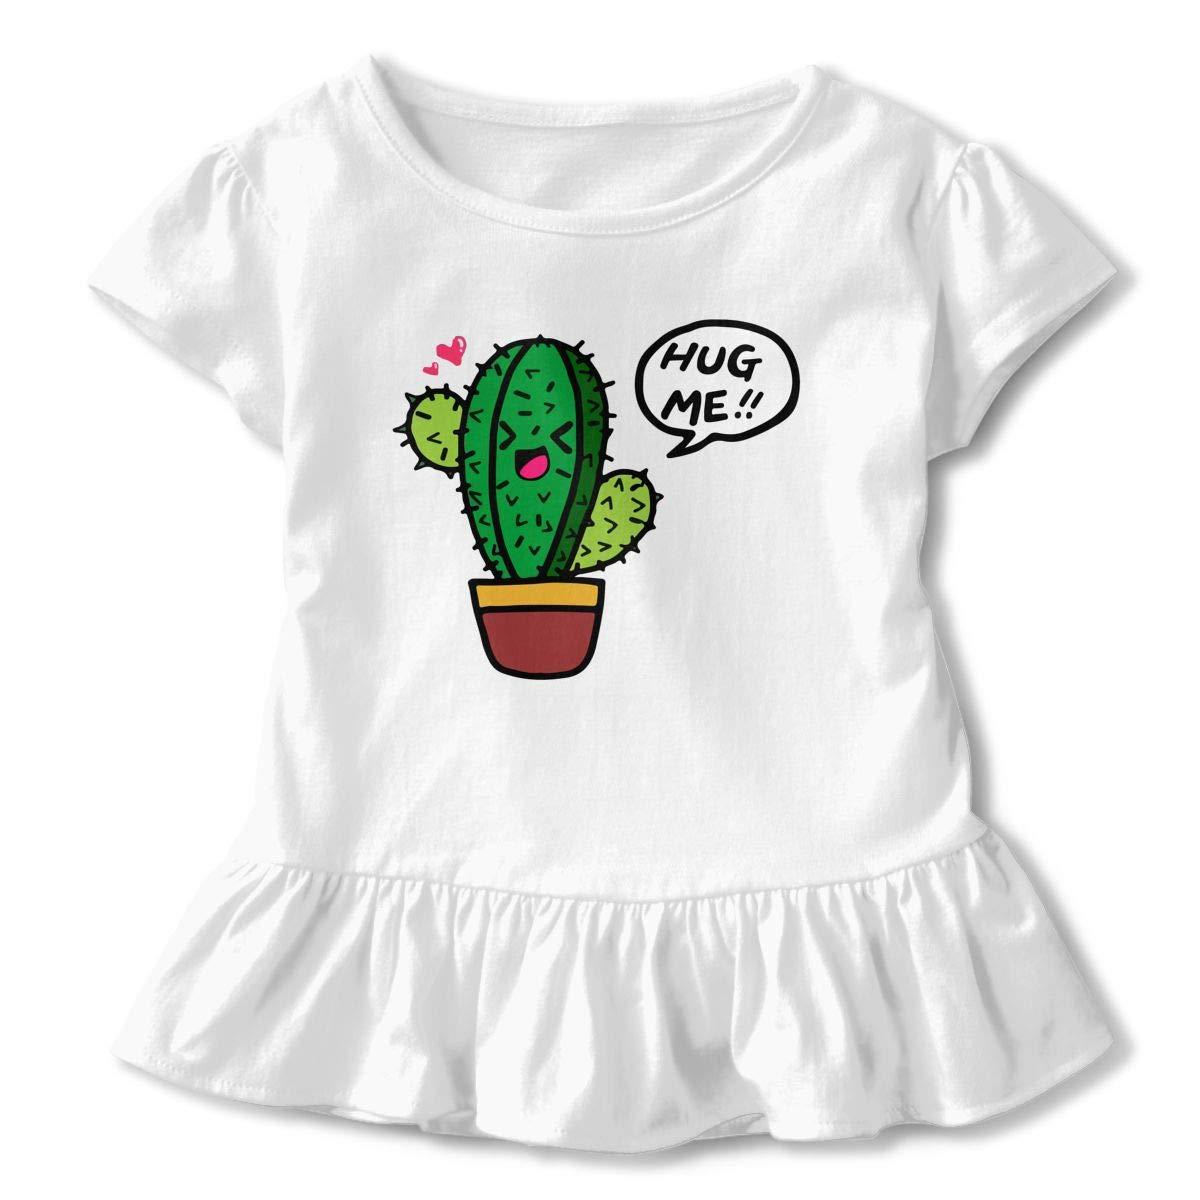 Cheng Jian Bo Hug Cactus Hug Me Toddler Girls T Shirt Kids Cotton Short Sleeve Ruffle Tee